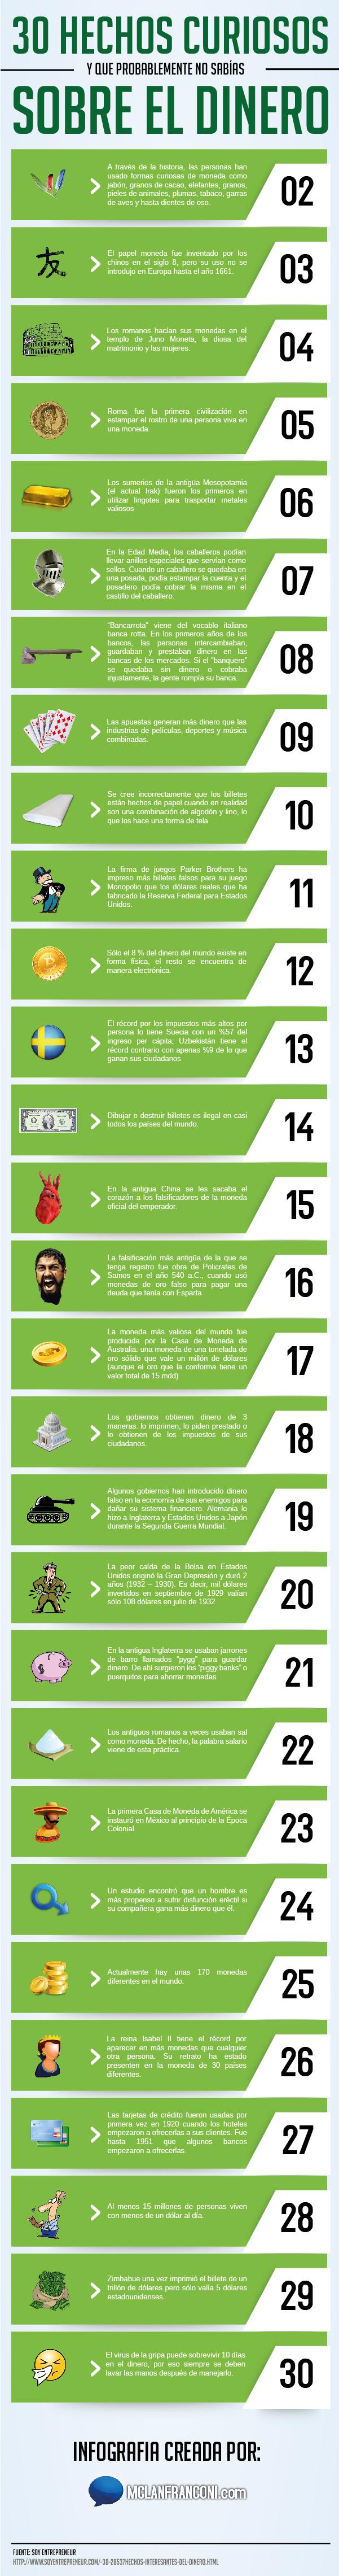 30 curiosidades sobre el dinero